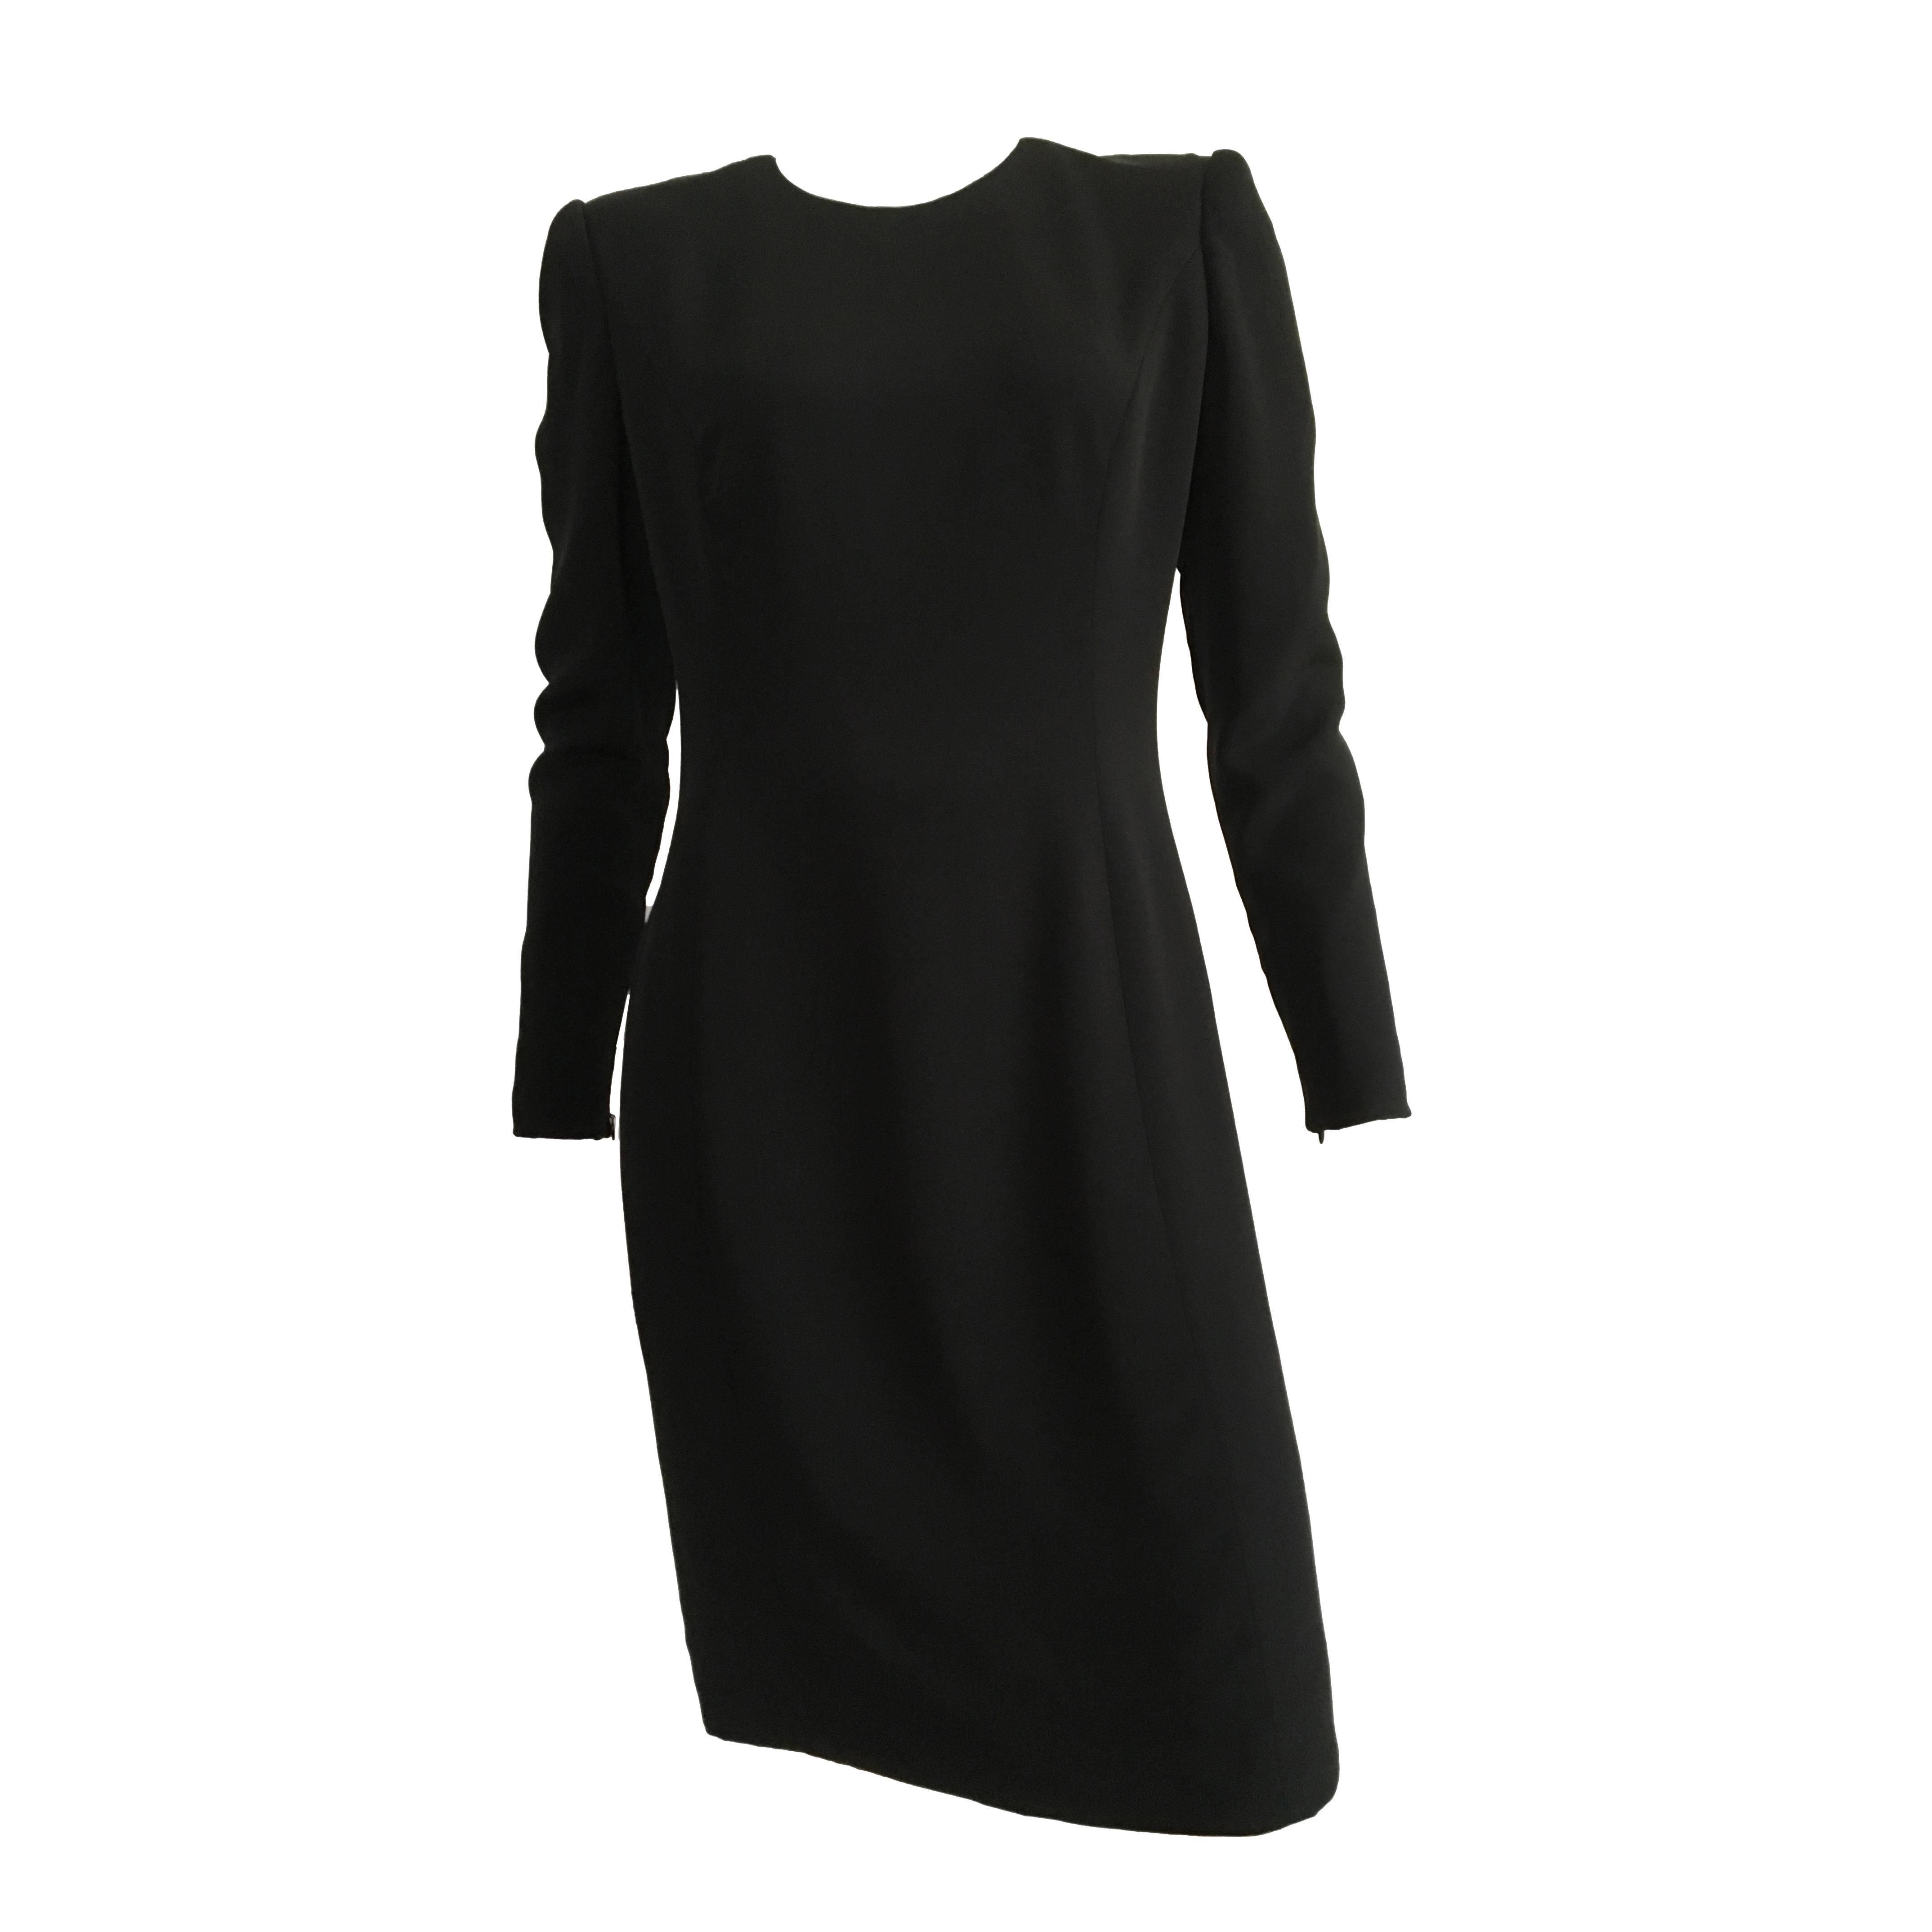 7f7d292514df Carolina Herrera Off the Shoulder Dress For Sale at 1stdibs